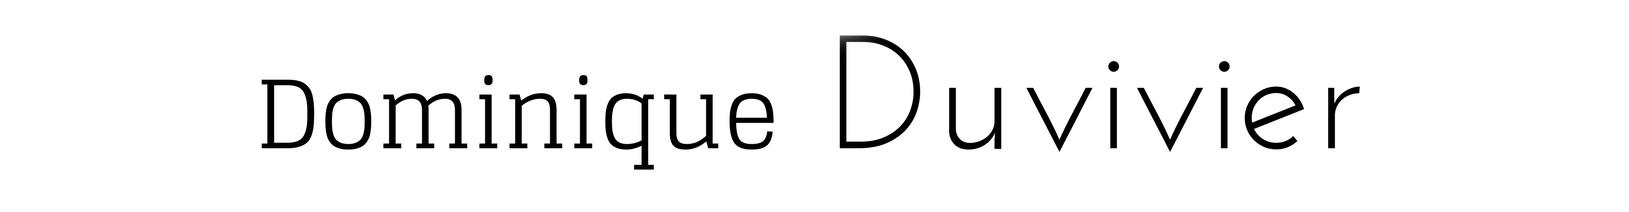 Entretiens avec Dominique Duvivier - Toute la magie de Dominique Duvivier